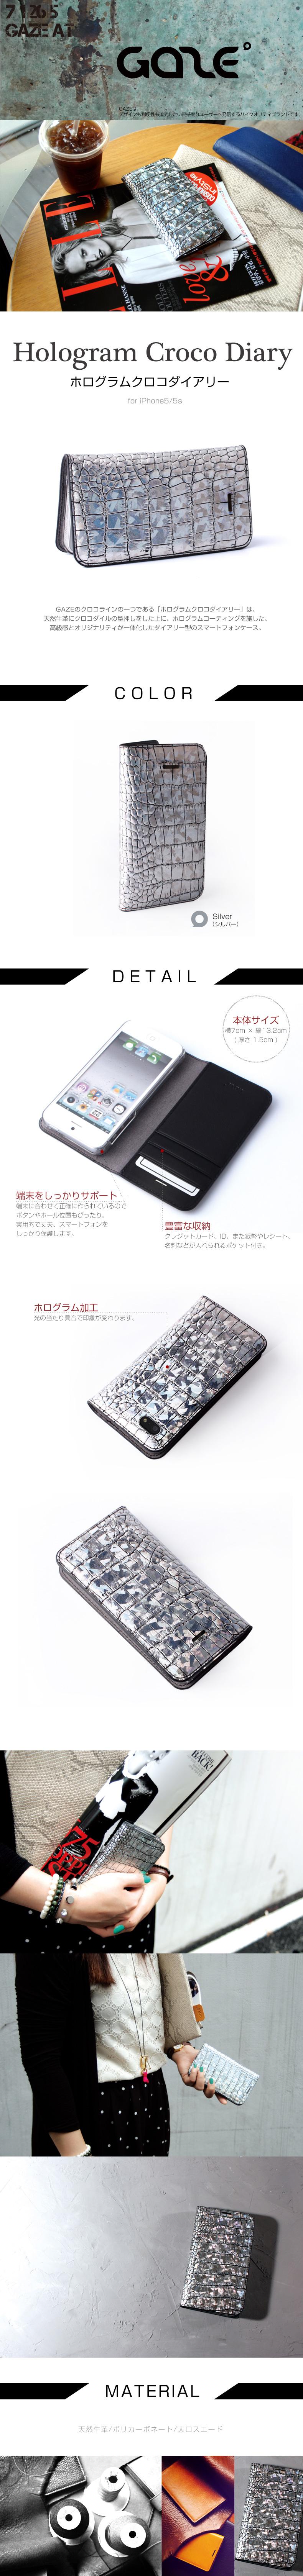 商品詳細iPhone5/5sホログラムクロコダイアリー